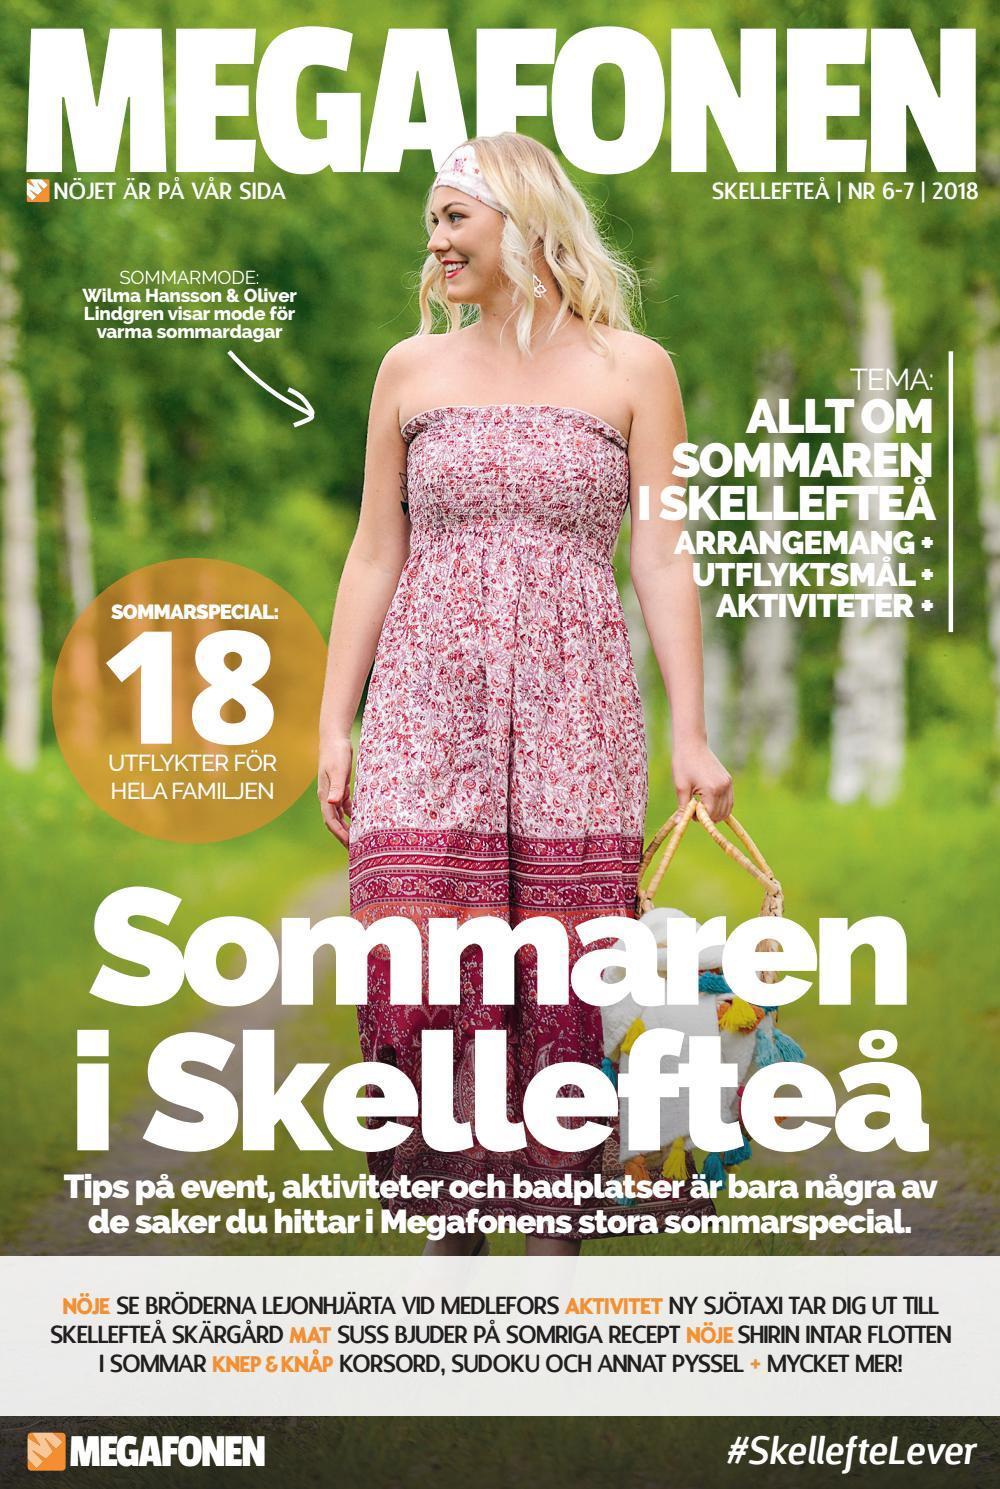 Megafonentidningen nr 6-7 2018 by Megafonen Skellefteå - issuu 76966d8148c3e